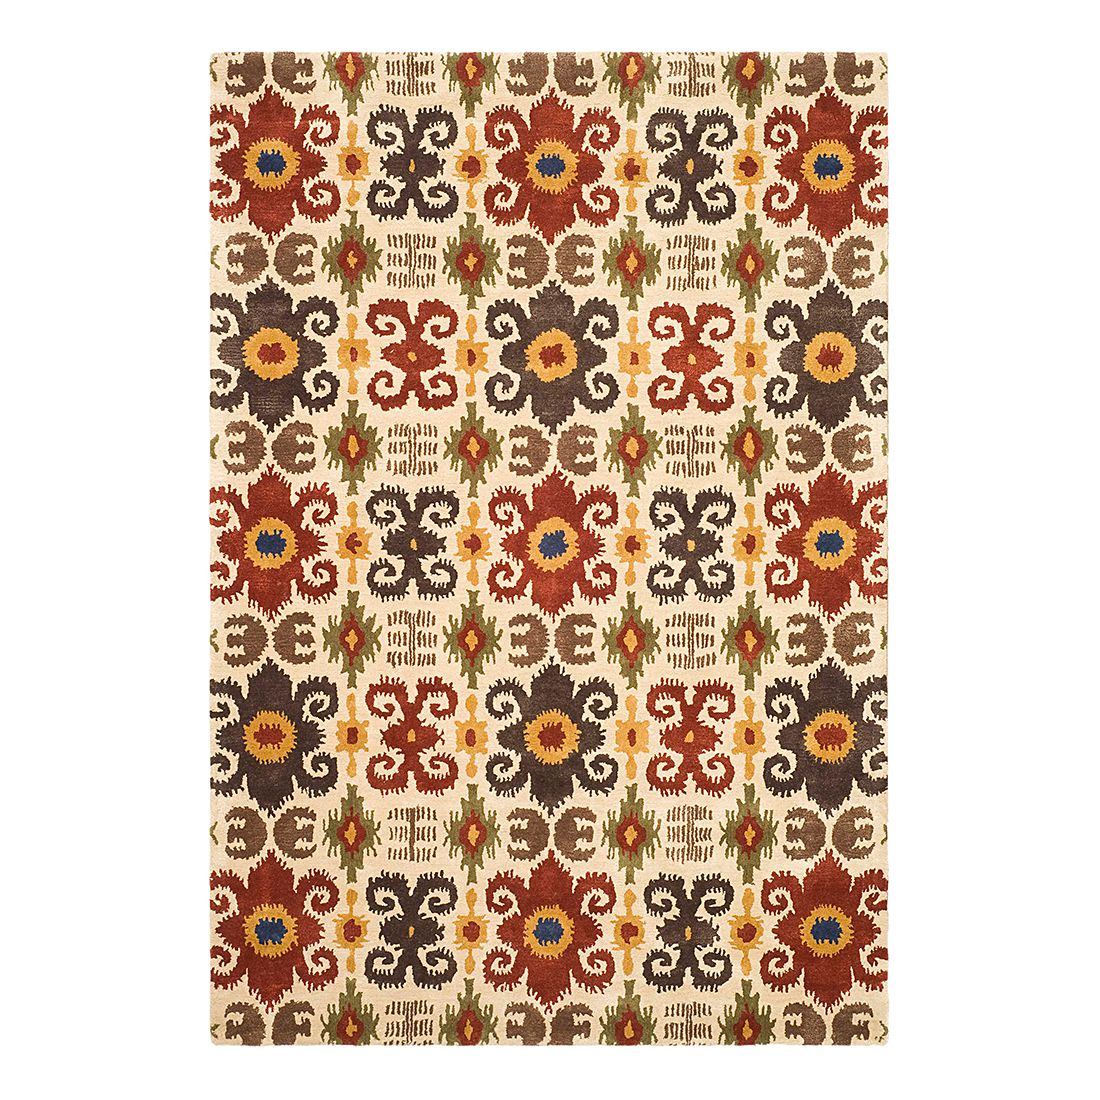 Teppich Kais – Creme/Rot – 153 x 244 cm, Safavieh jetzt kaufen